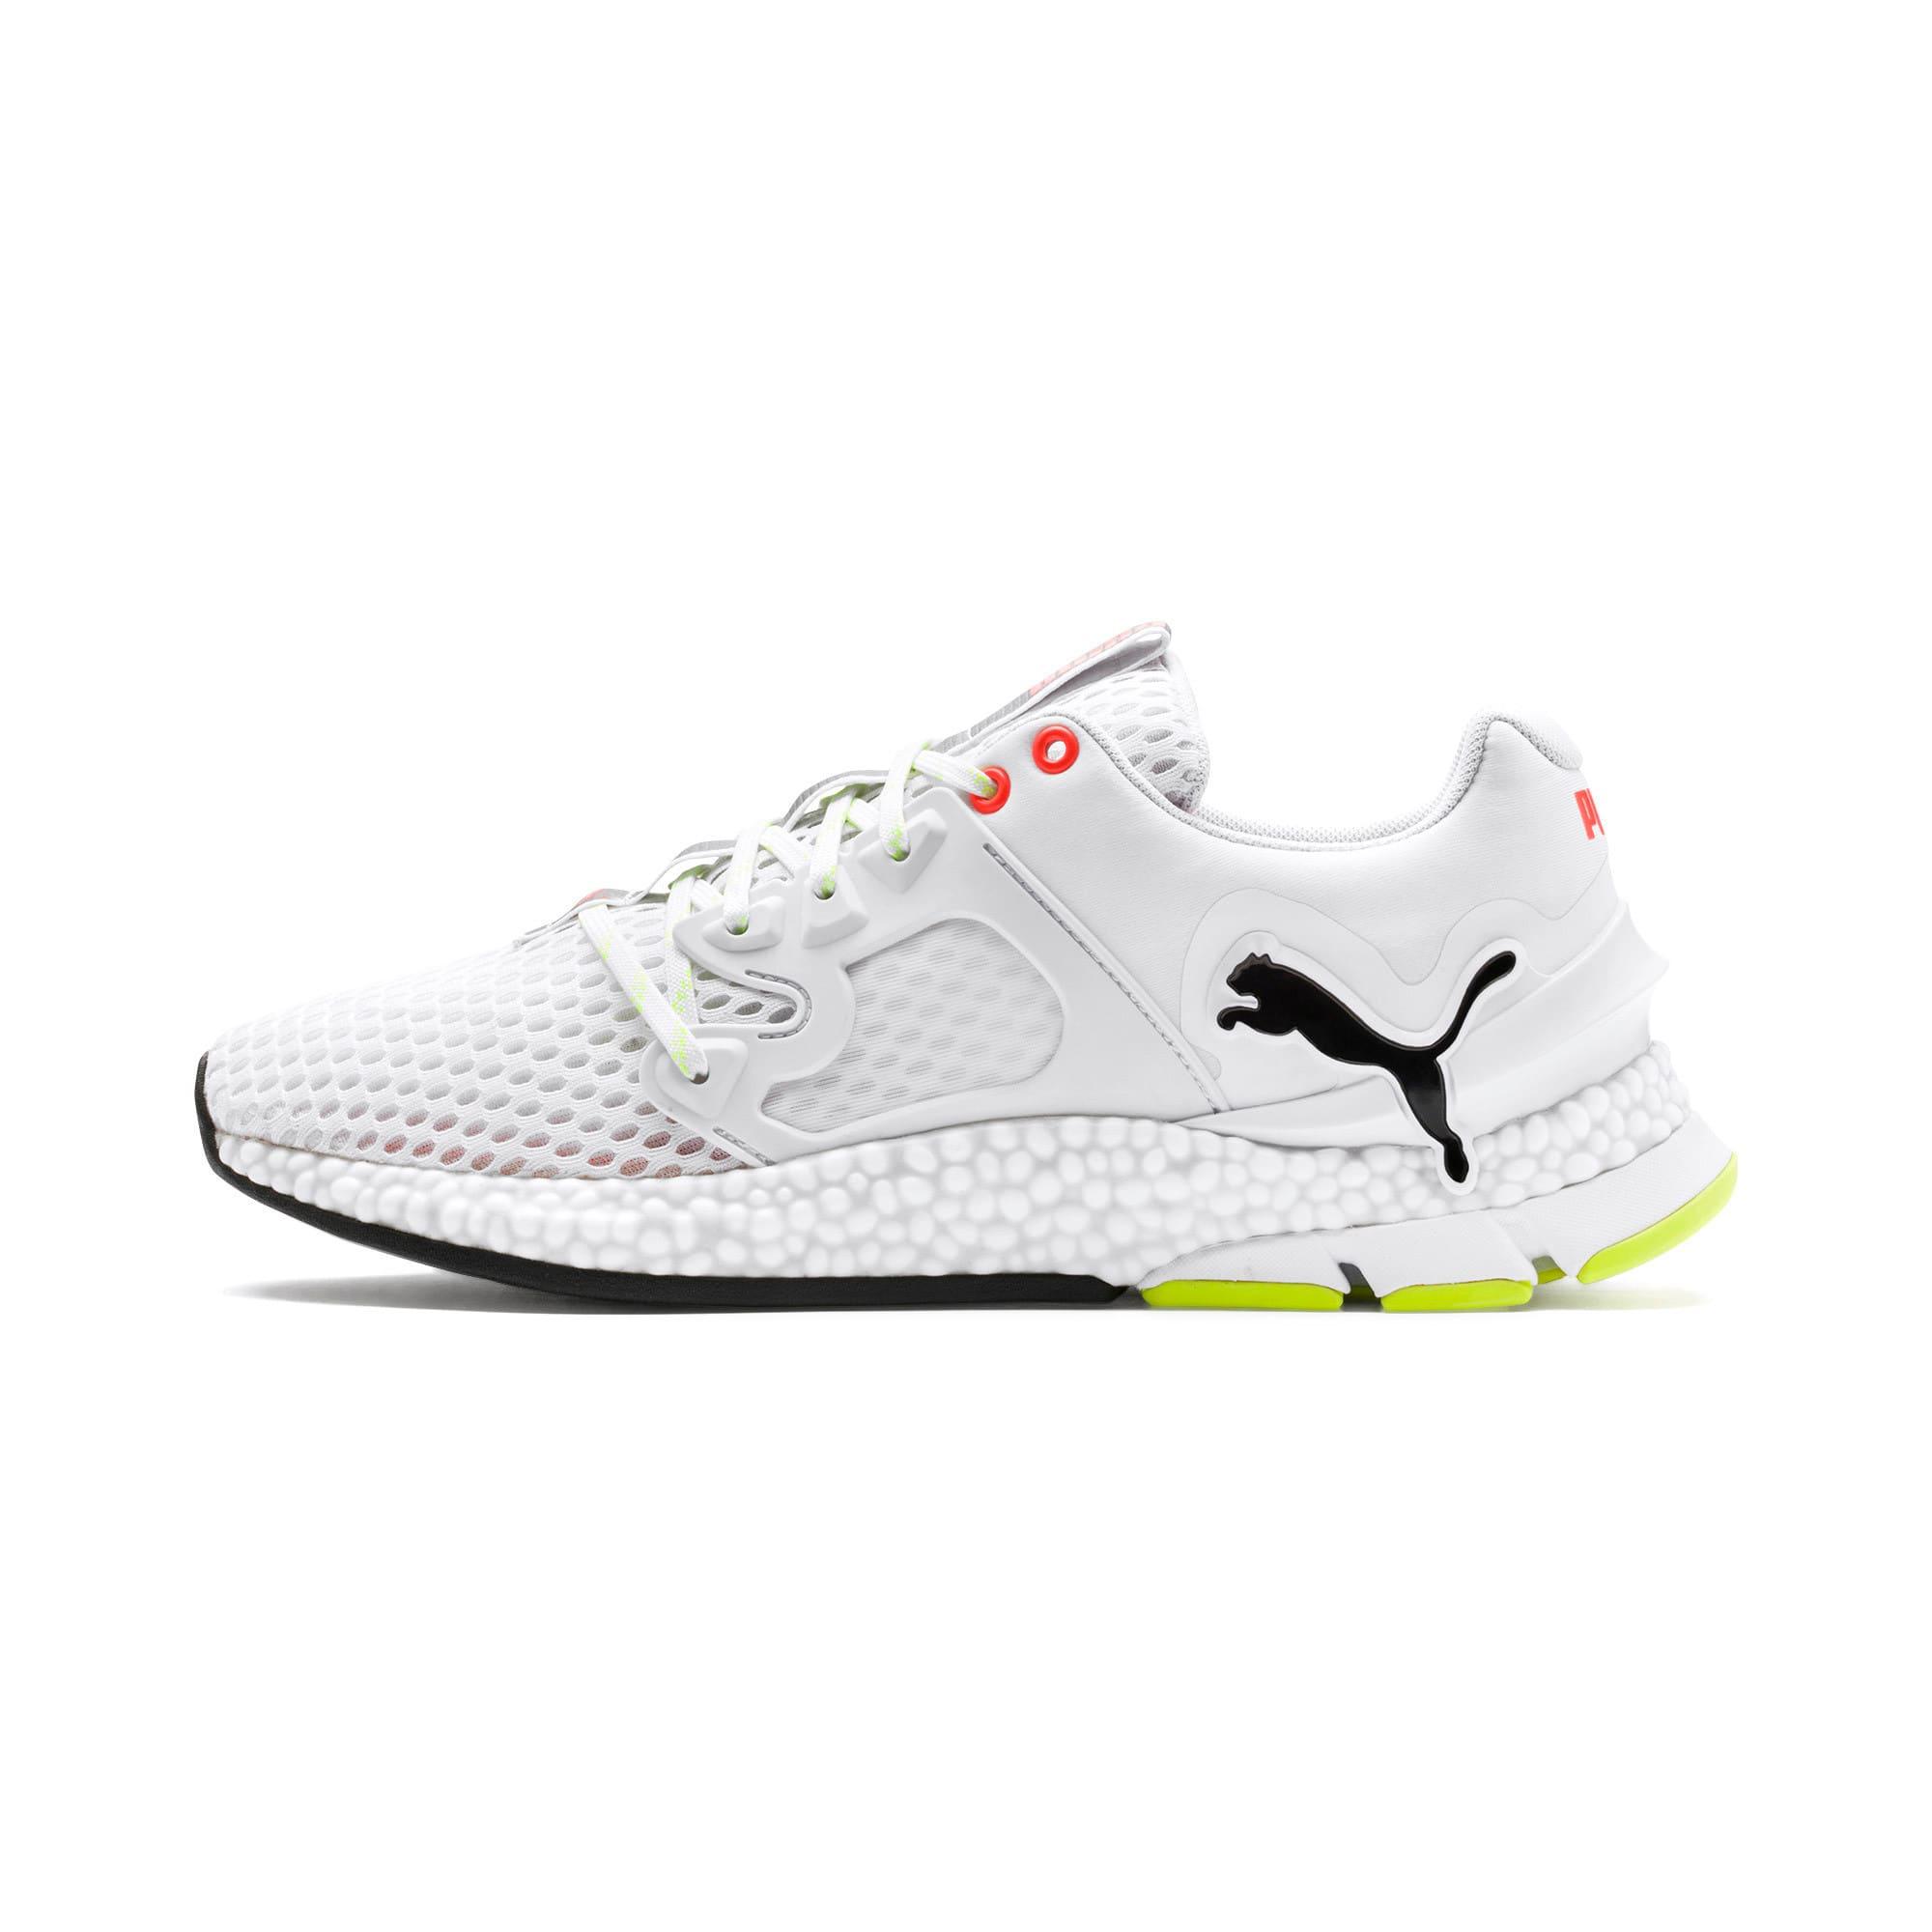 Thumbnail 1 of HYBRID Sky Men's Running Shoes, White-Black-Nrgy Red, medium